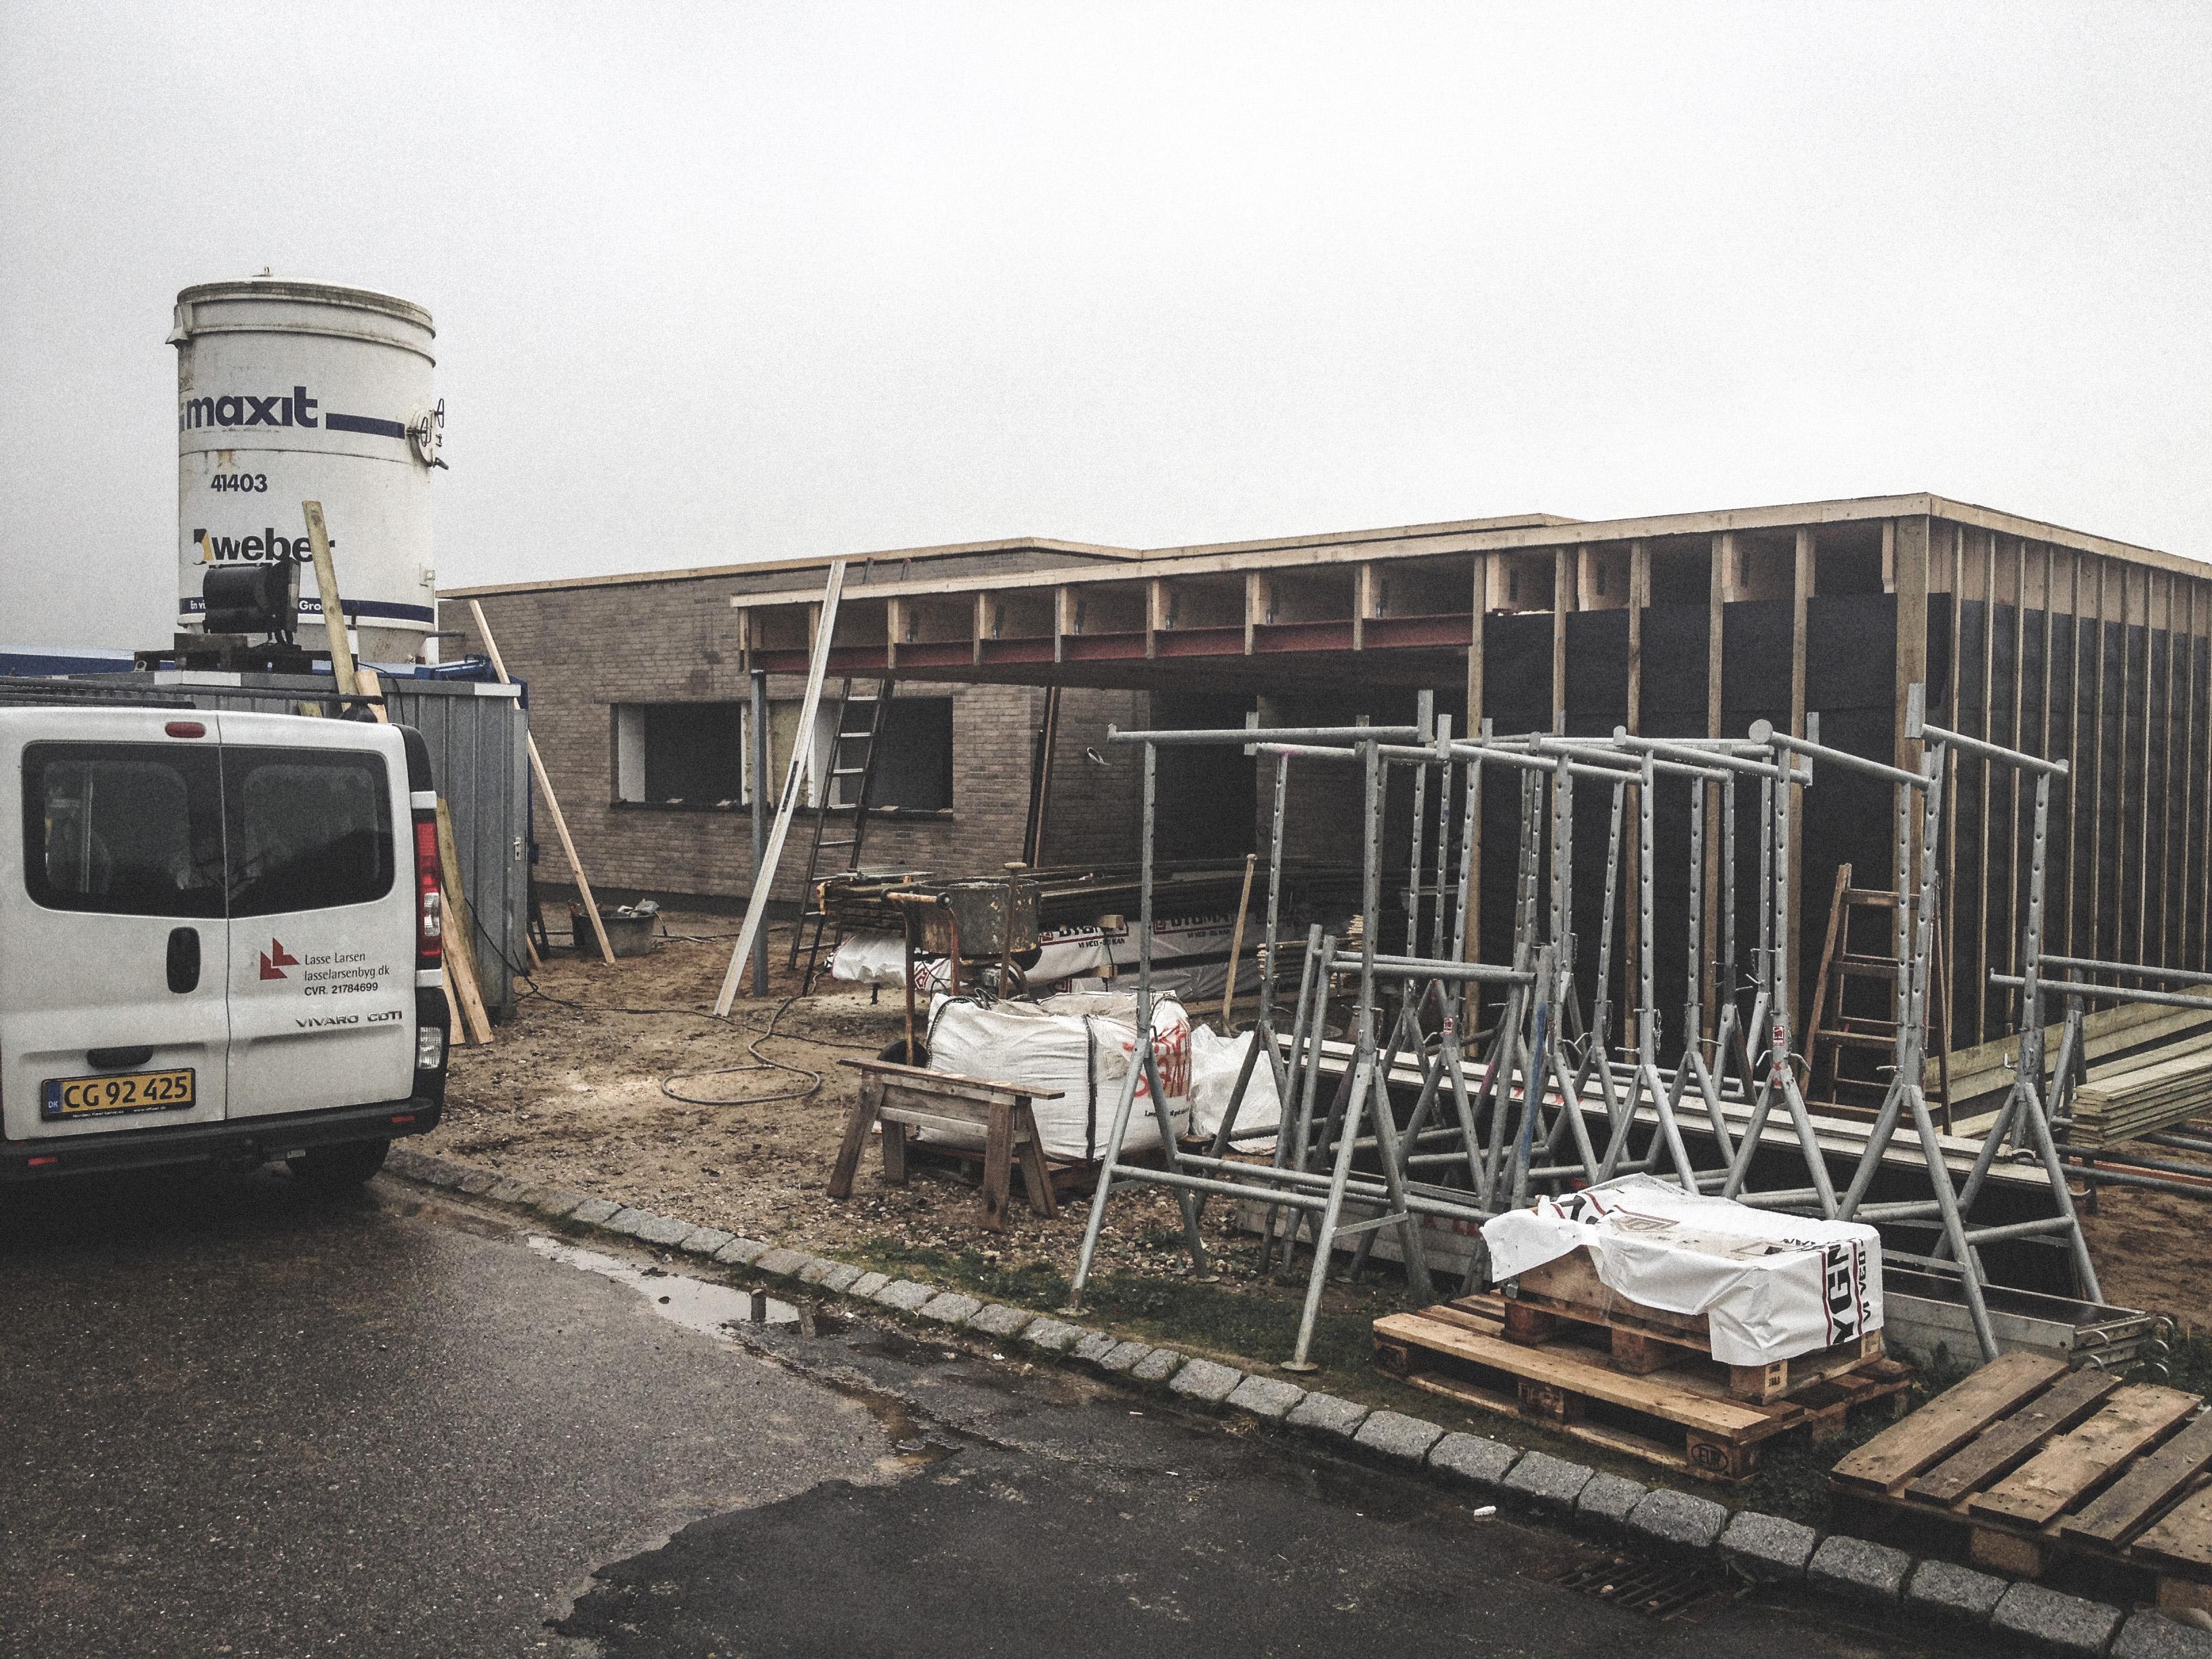 Billede af et igangværende byggeri i Lystrup Status, tegnet af arkitektfirmaet m2plus.